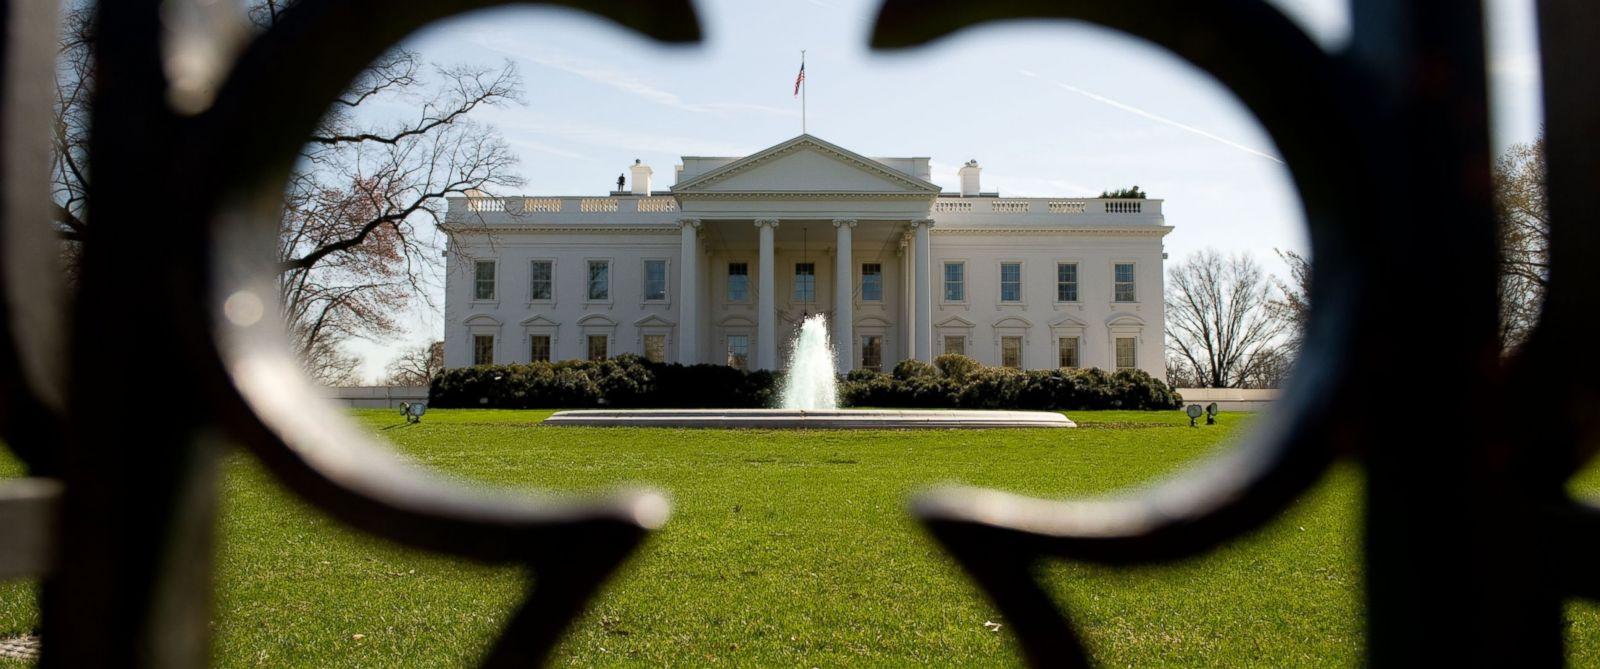 САД ће испунити своје обавезе у оквиру нуклеарног споразума са Ираном